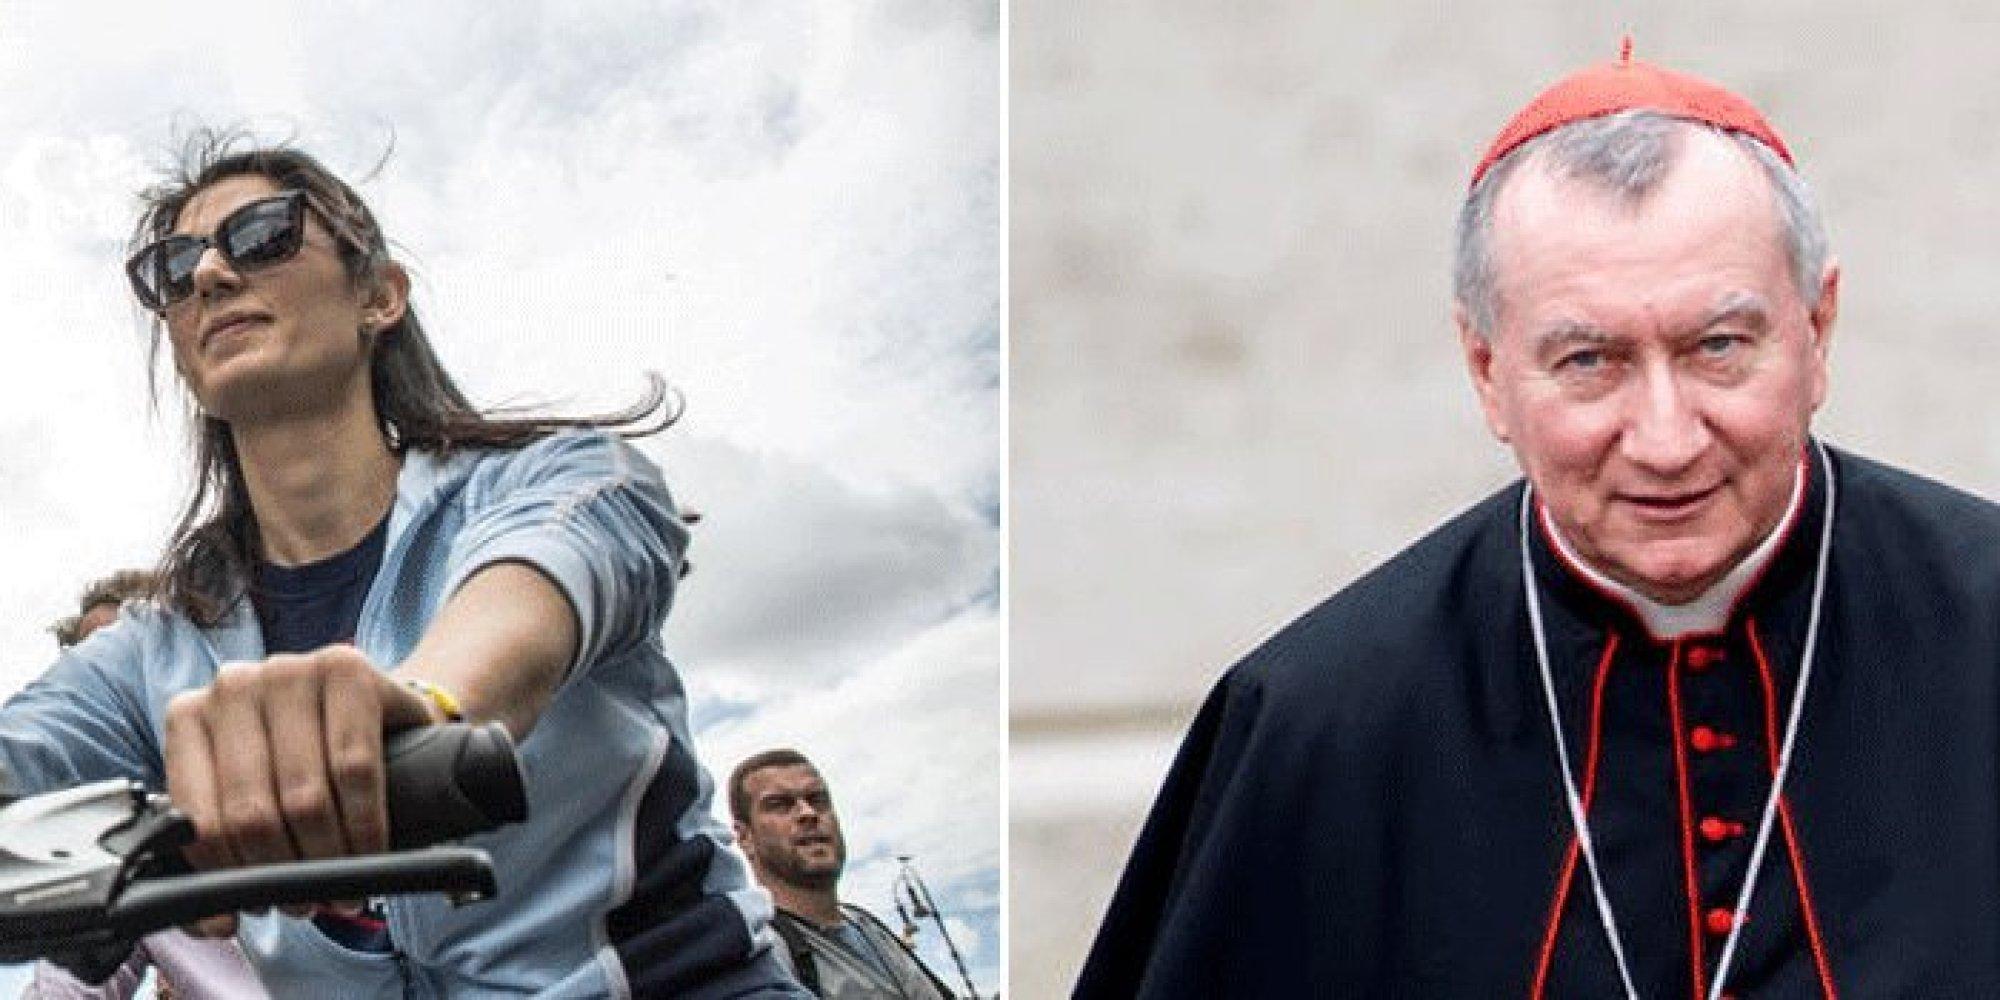 Segnali di fumo tra Vaticano e il Campidoglio E' soltanto una coincidenza?